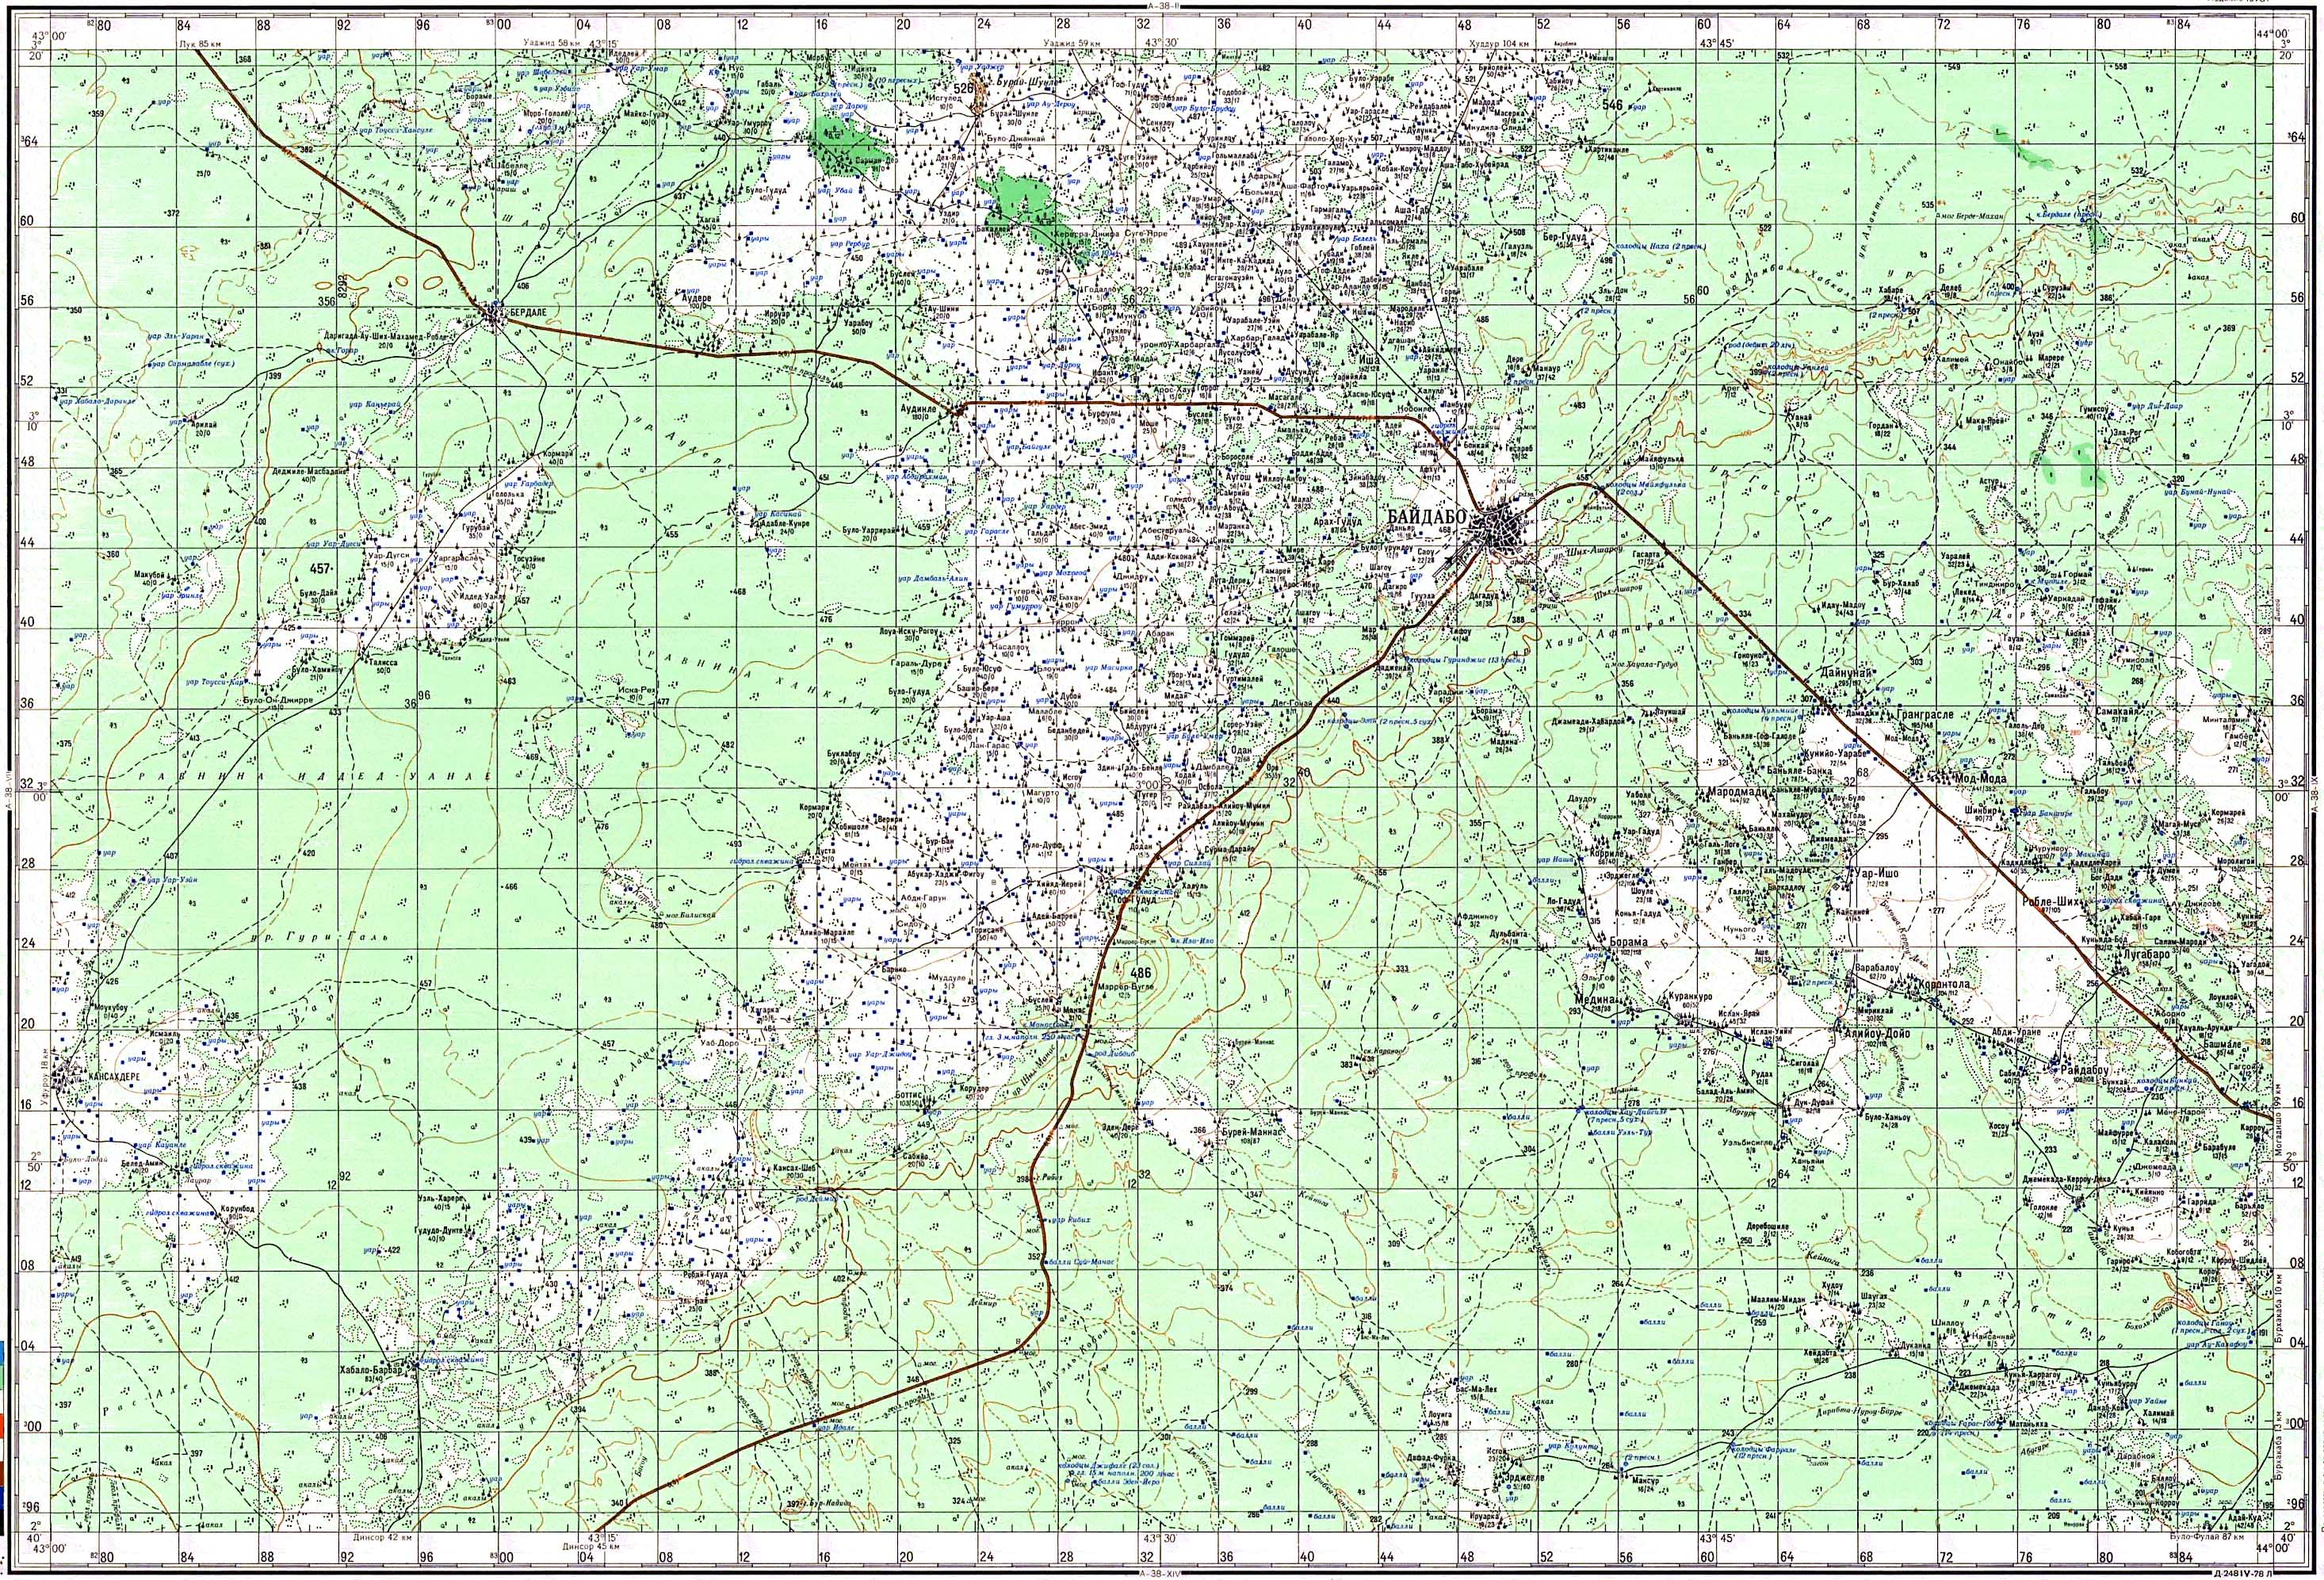 Топографические карты Military Topographic Map - Military topographic maps